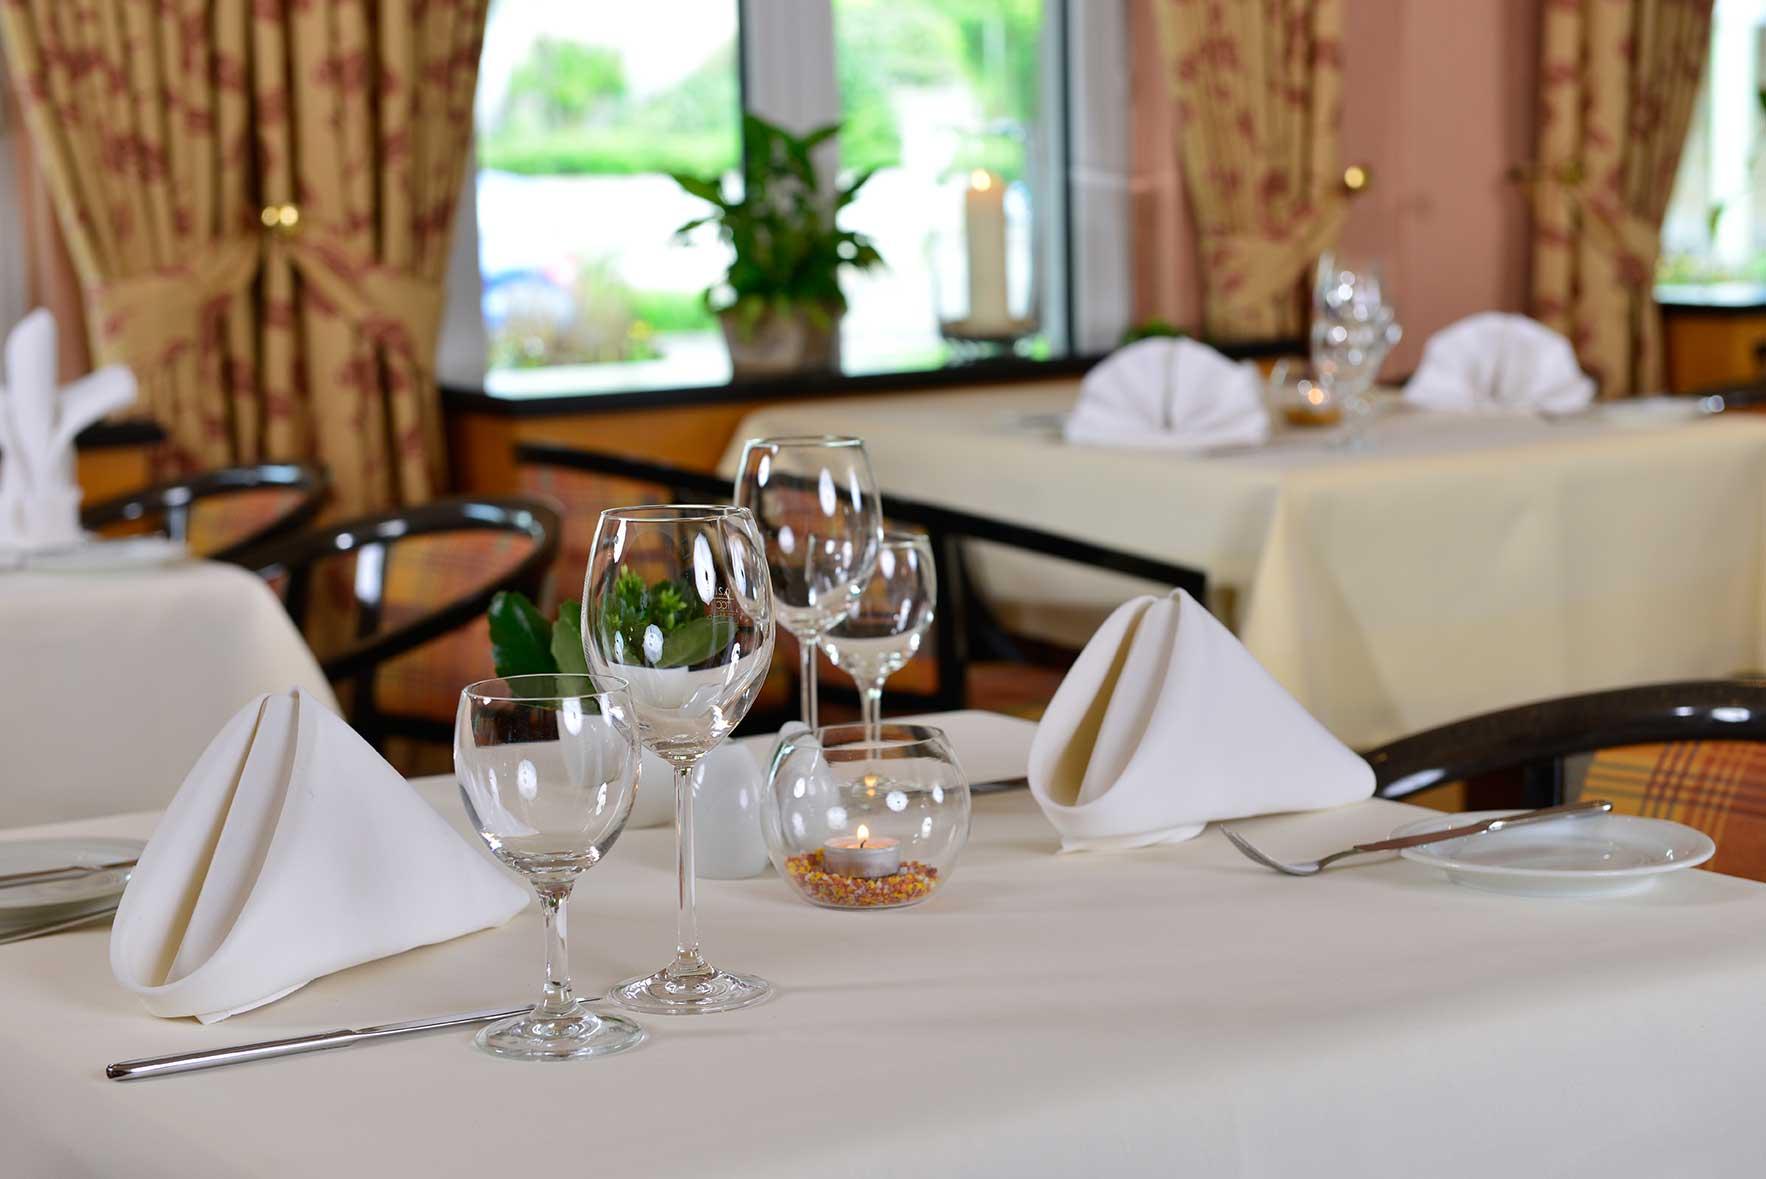 Bild vom Restaurant im AMBER HOTEL Hilden/Düsseldorf